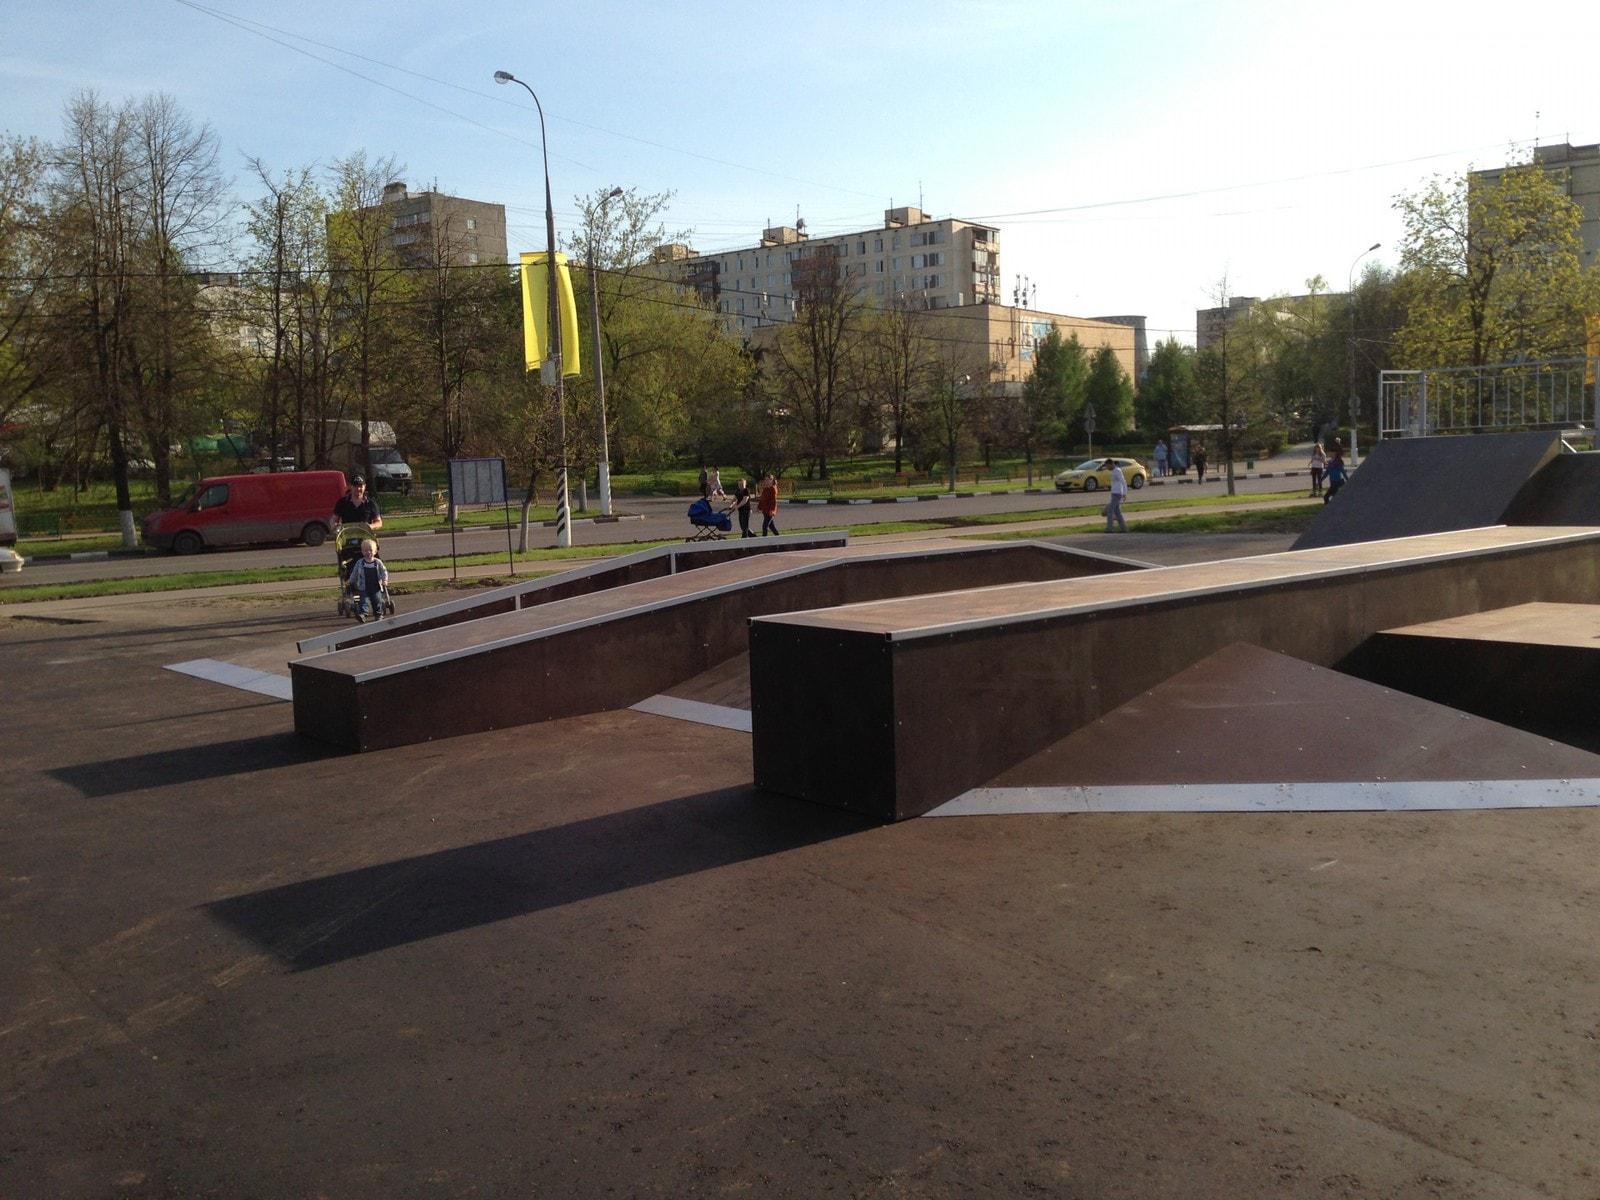 Скейт-парк в Бирюлево-Западное, г. Москва